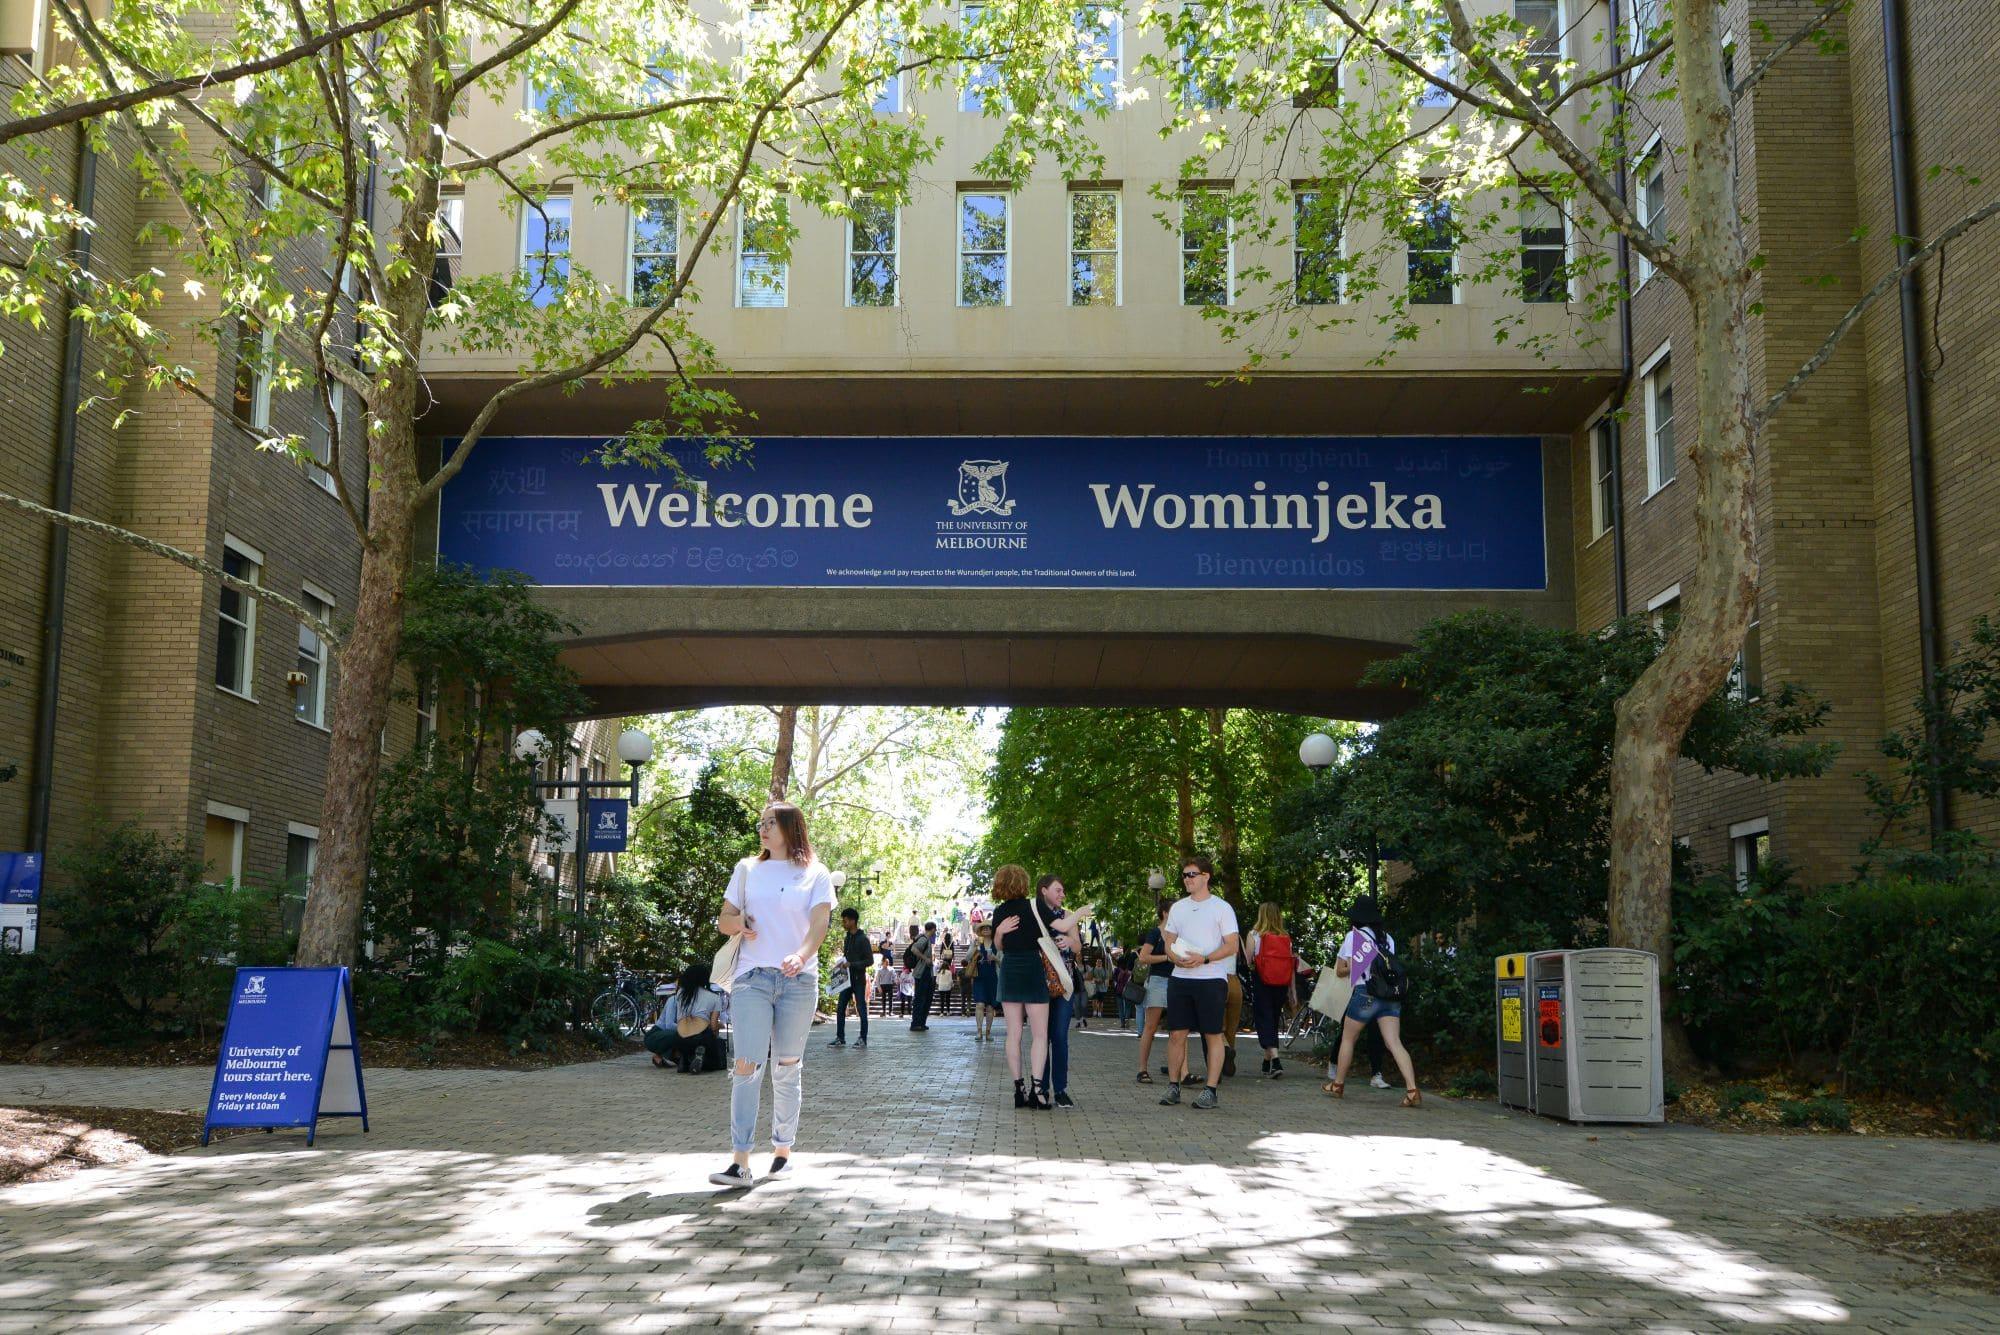 Melbourne, universidades na Austrália, destaca-se pela hospitalidade